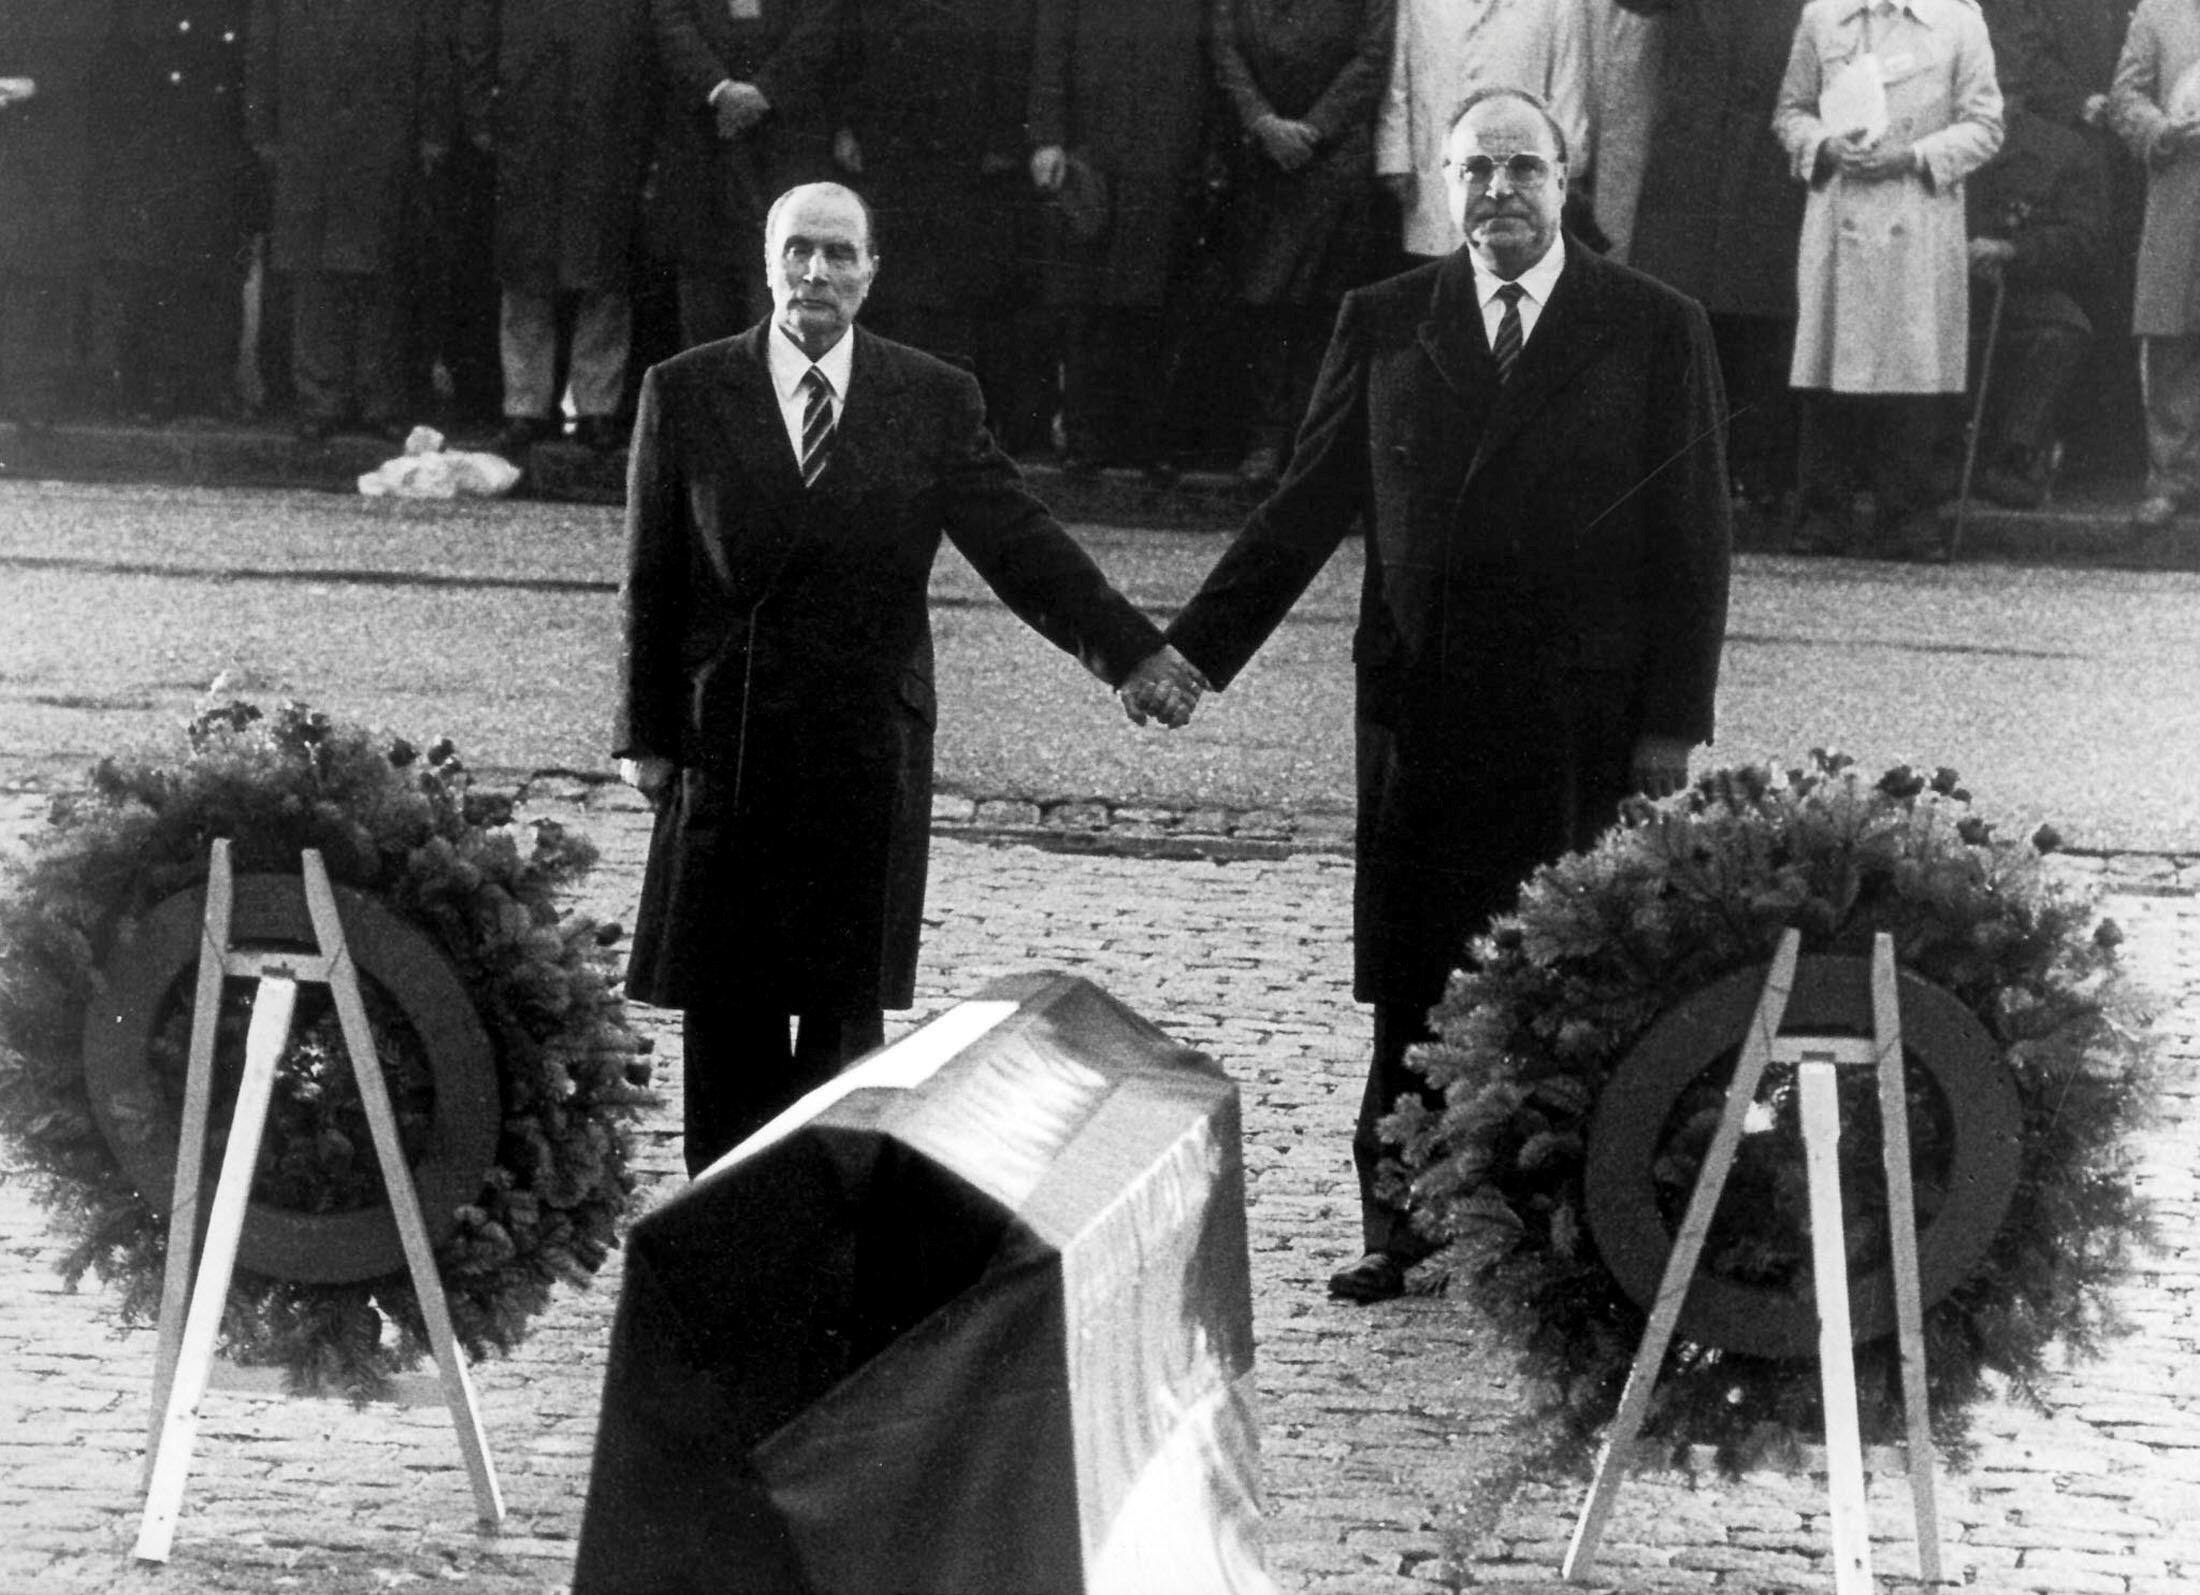 Le chancelier Kohl et le président Mitterrand lors de leur visite conjointe à Verdun, le 22 septembre 1984.